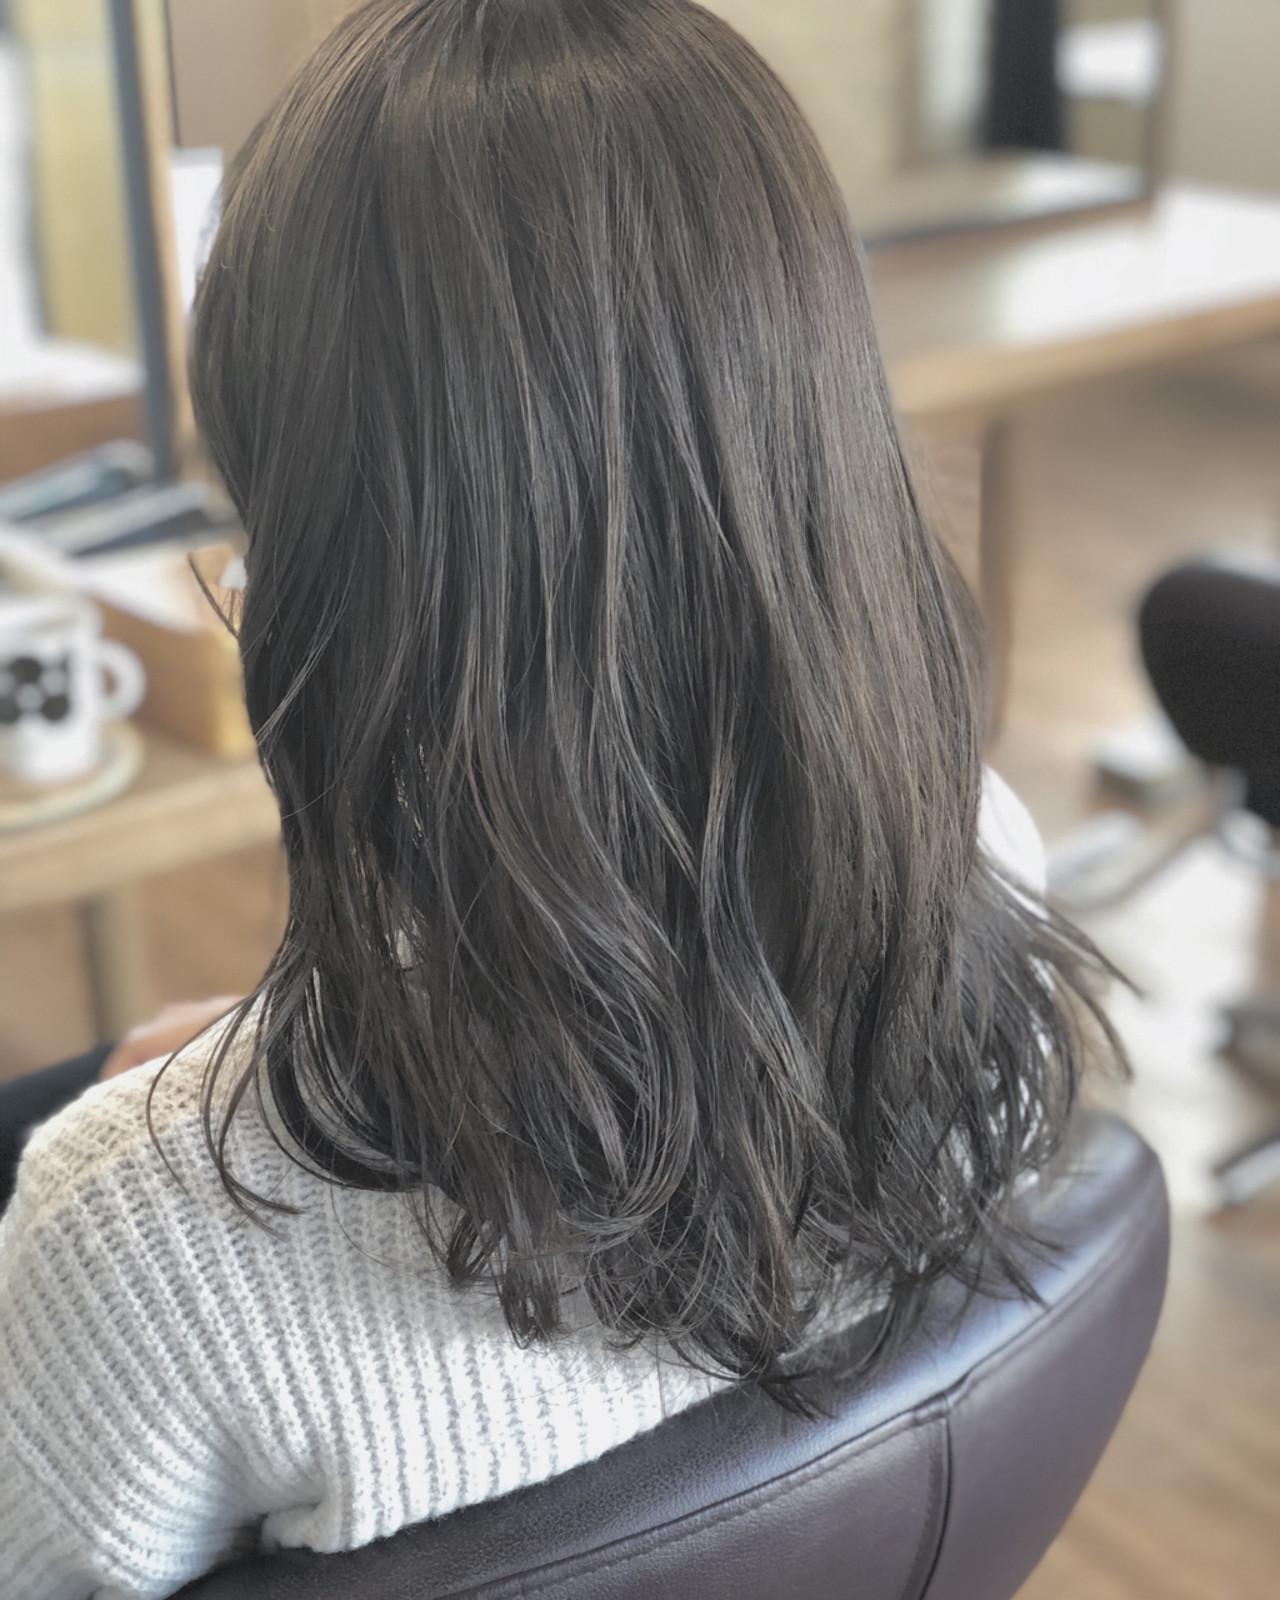 ナチュラル ウェーブ アンニュイ 暗髪 ヘアスタイルや髪型の写真・画像